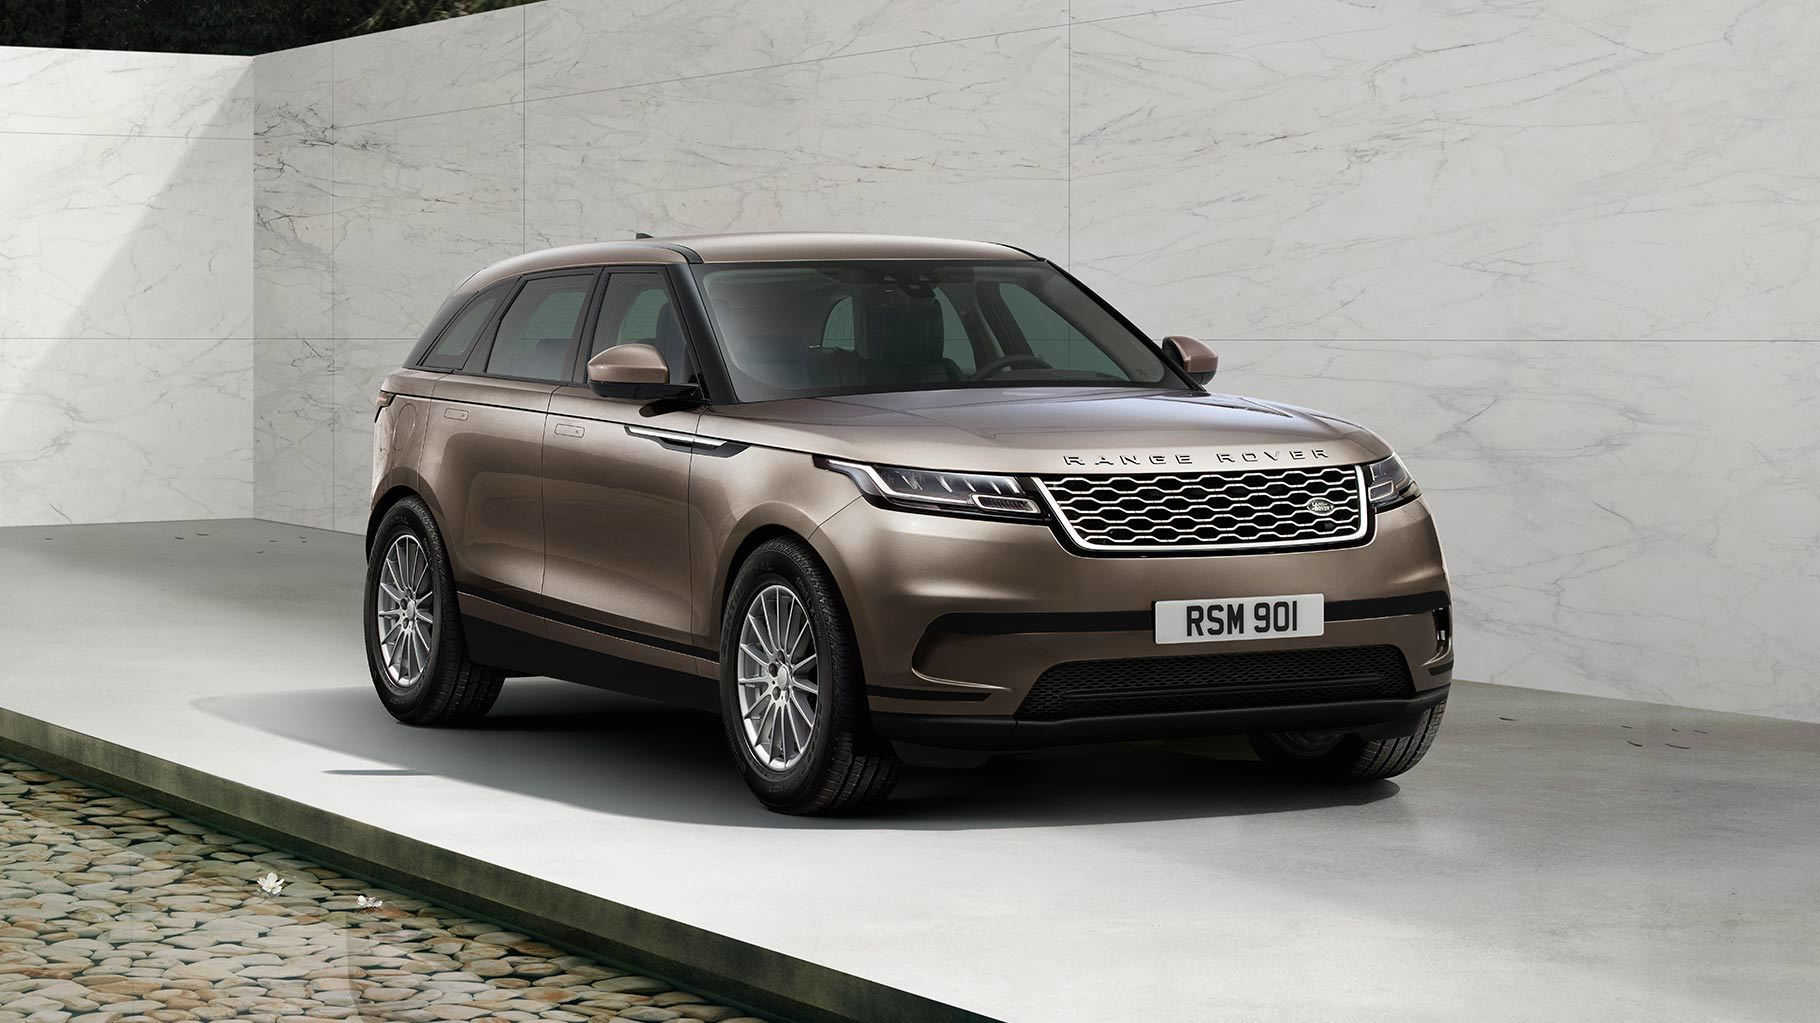 Кроссовер Range Rover Evoque получил особую версию «Landmark Edition»